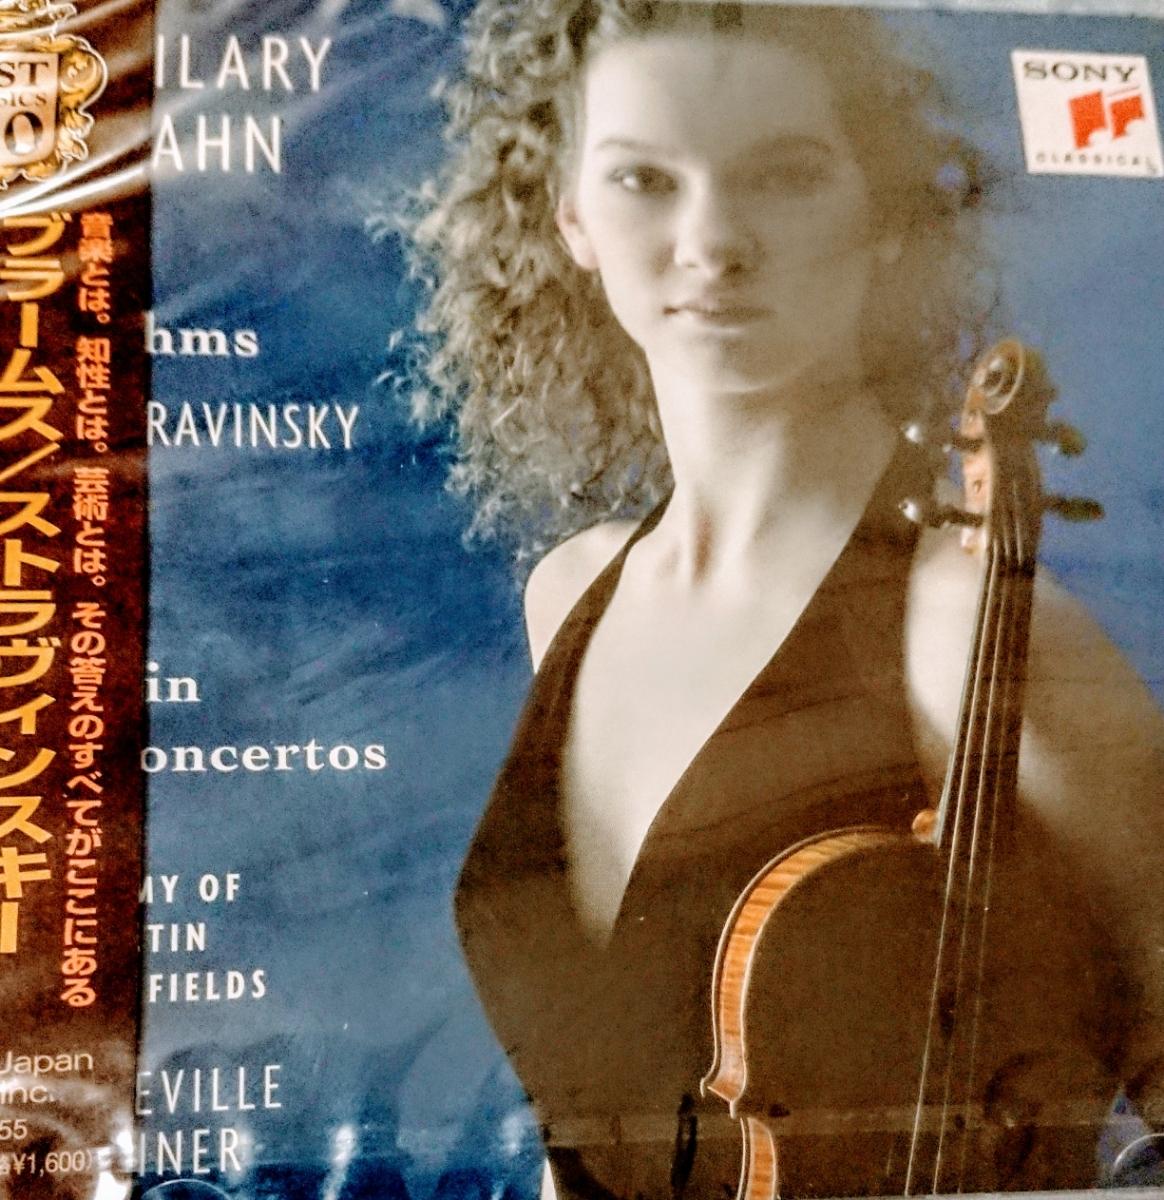 新品CD/ハーン: ブラームス&ストラヴィンスキーVn協奏曲 (国内盤、新品未開封品)